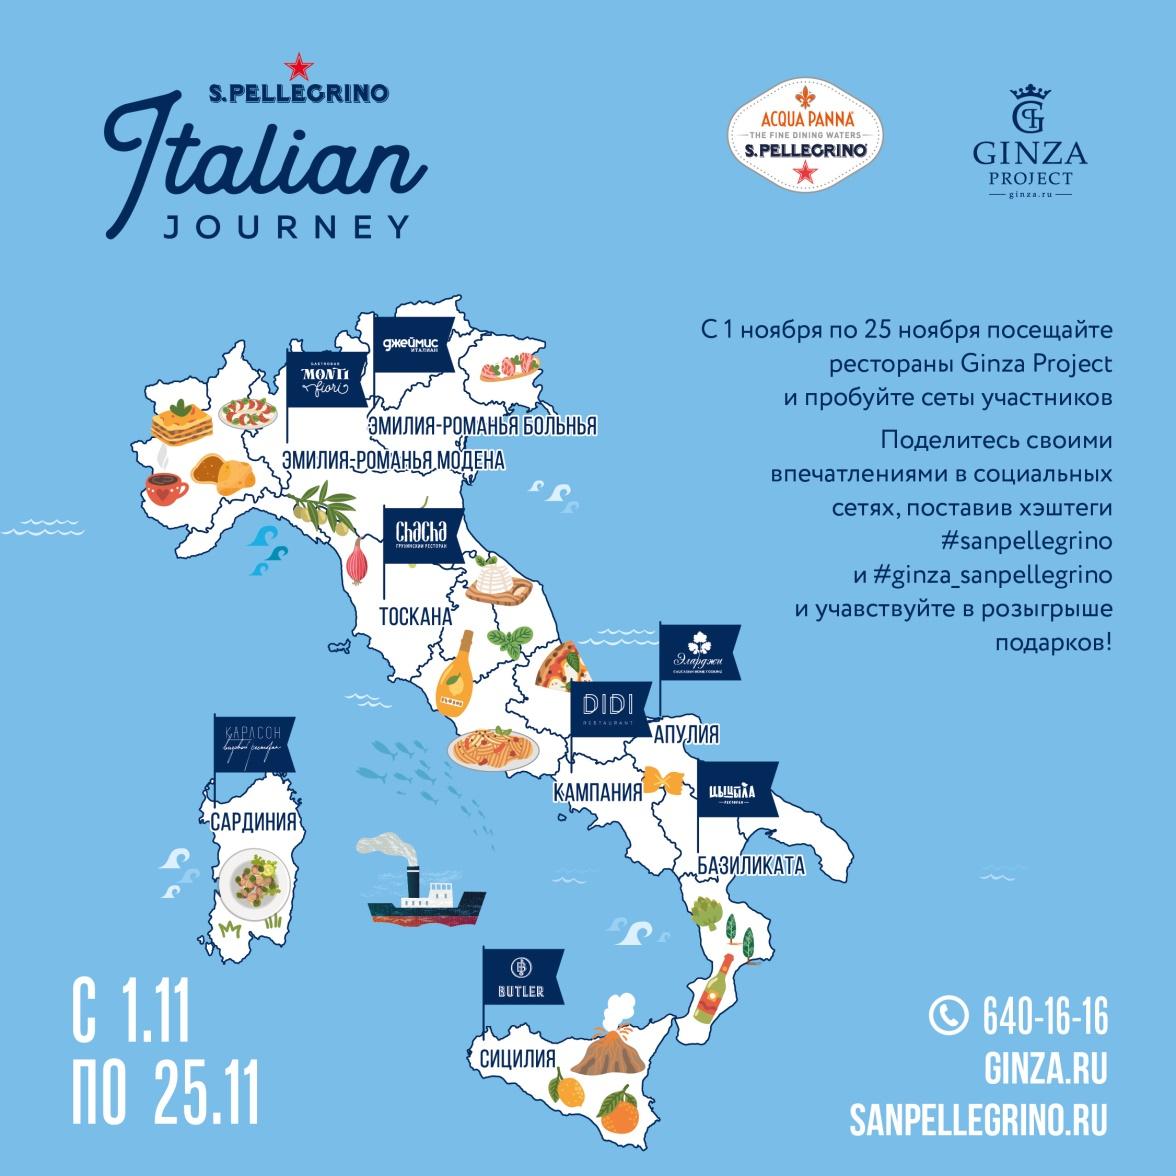 В холодную осеннюю пору Ginza Project совместно с S.Pellegrino устраивают гастрономический фестиваль в лучших традициях итальянских солнечных праздников. Всех гостей ожидает насыщенная гармоничная атмосфера с винным и музыкальным сопровождением и, конечно же, вкусной едой. В событии, что будет проходить до 25 ноября, участвуют рестораны Butler, Jamies Italian, Didi, Montifioti, «Цыцыла», «Эларджи», «Чача» и «Карлсон».